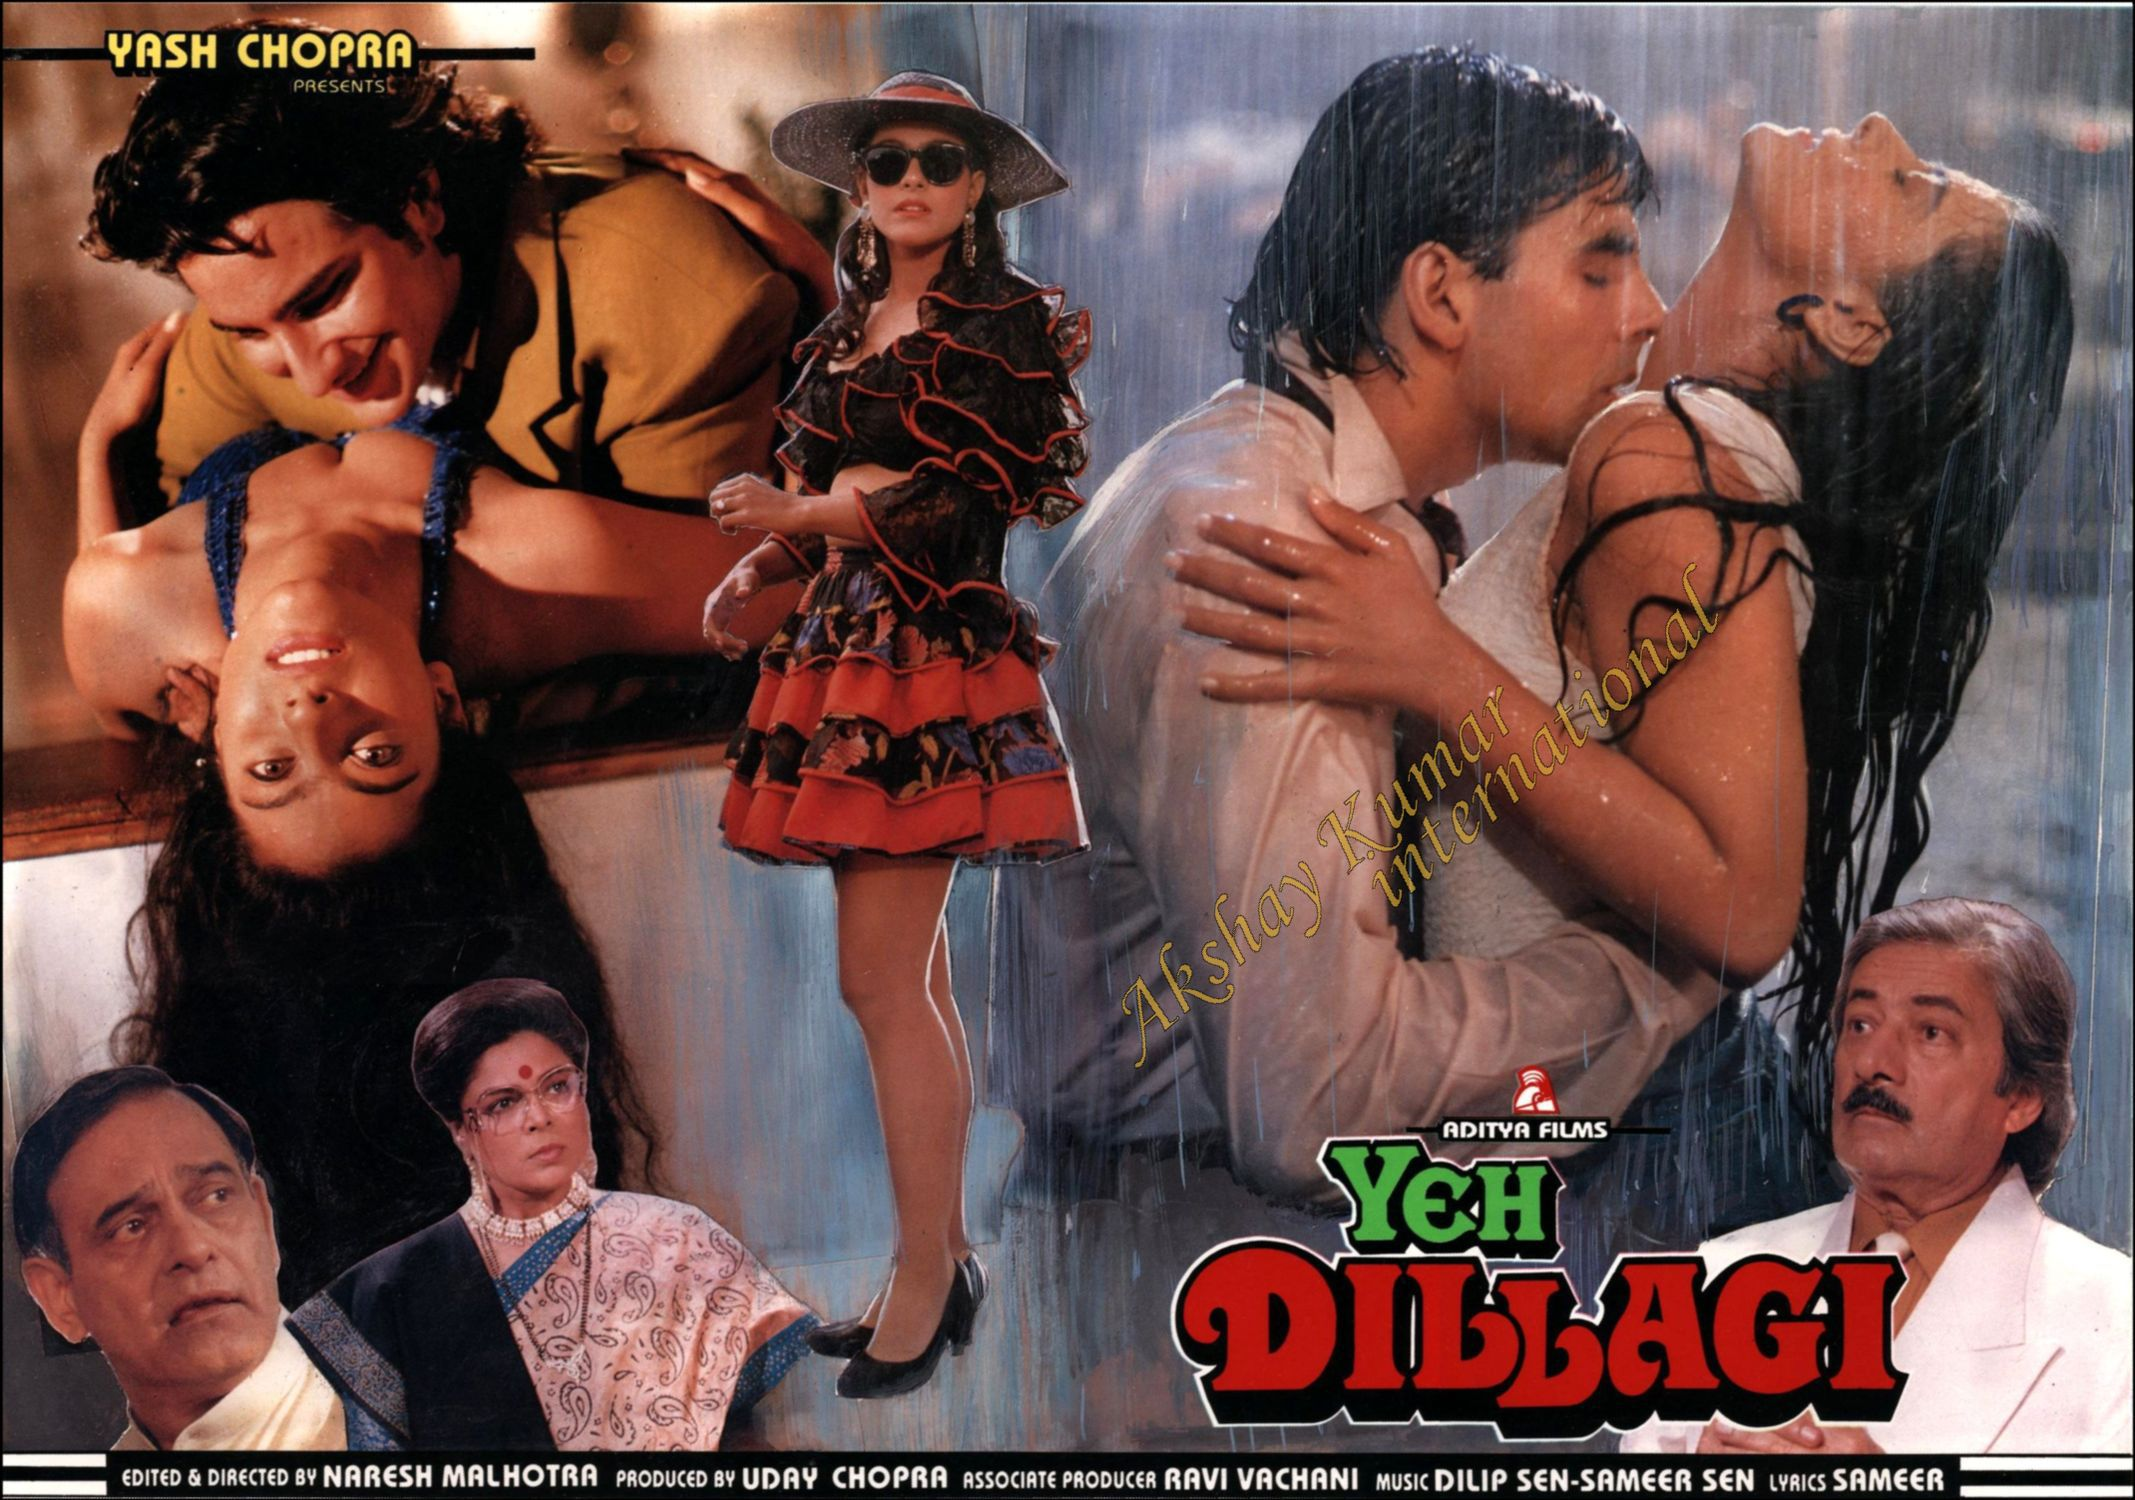 Смотреть он лайн индийский понометражный порно фильм